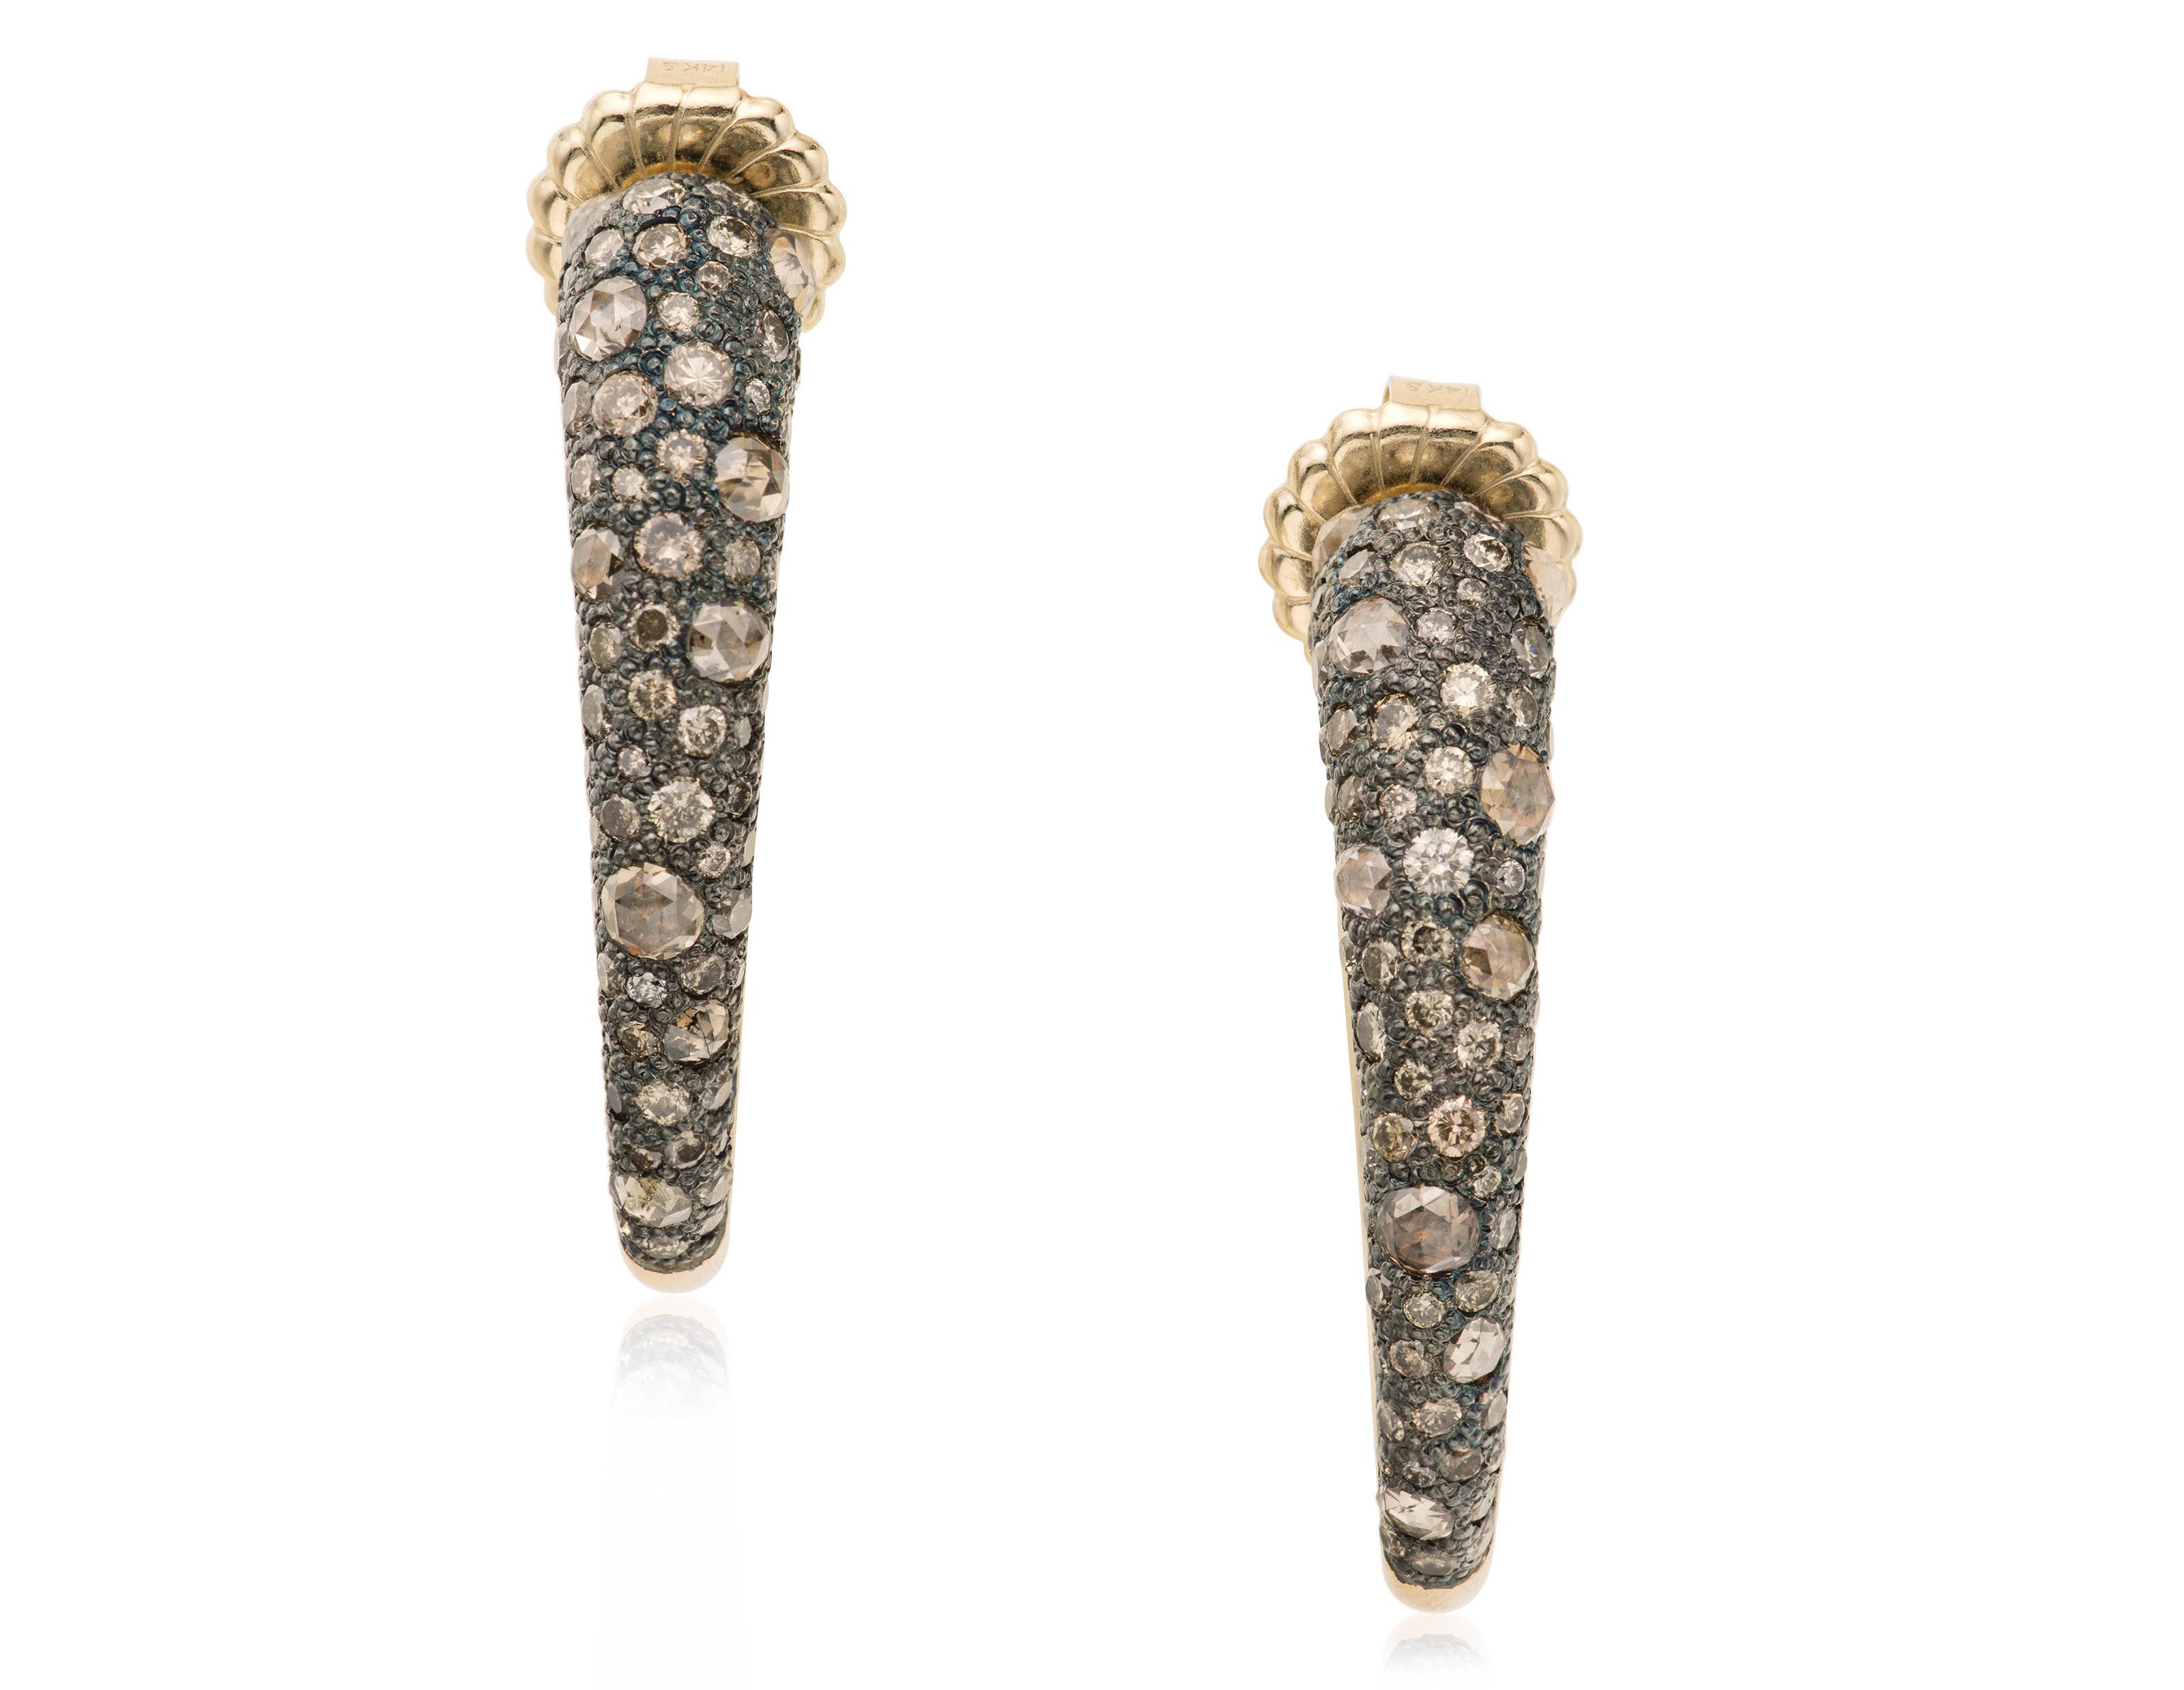 POMELLATO COLORED DIAMOND EARR